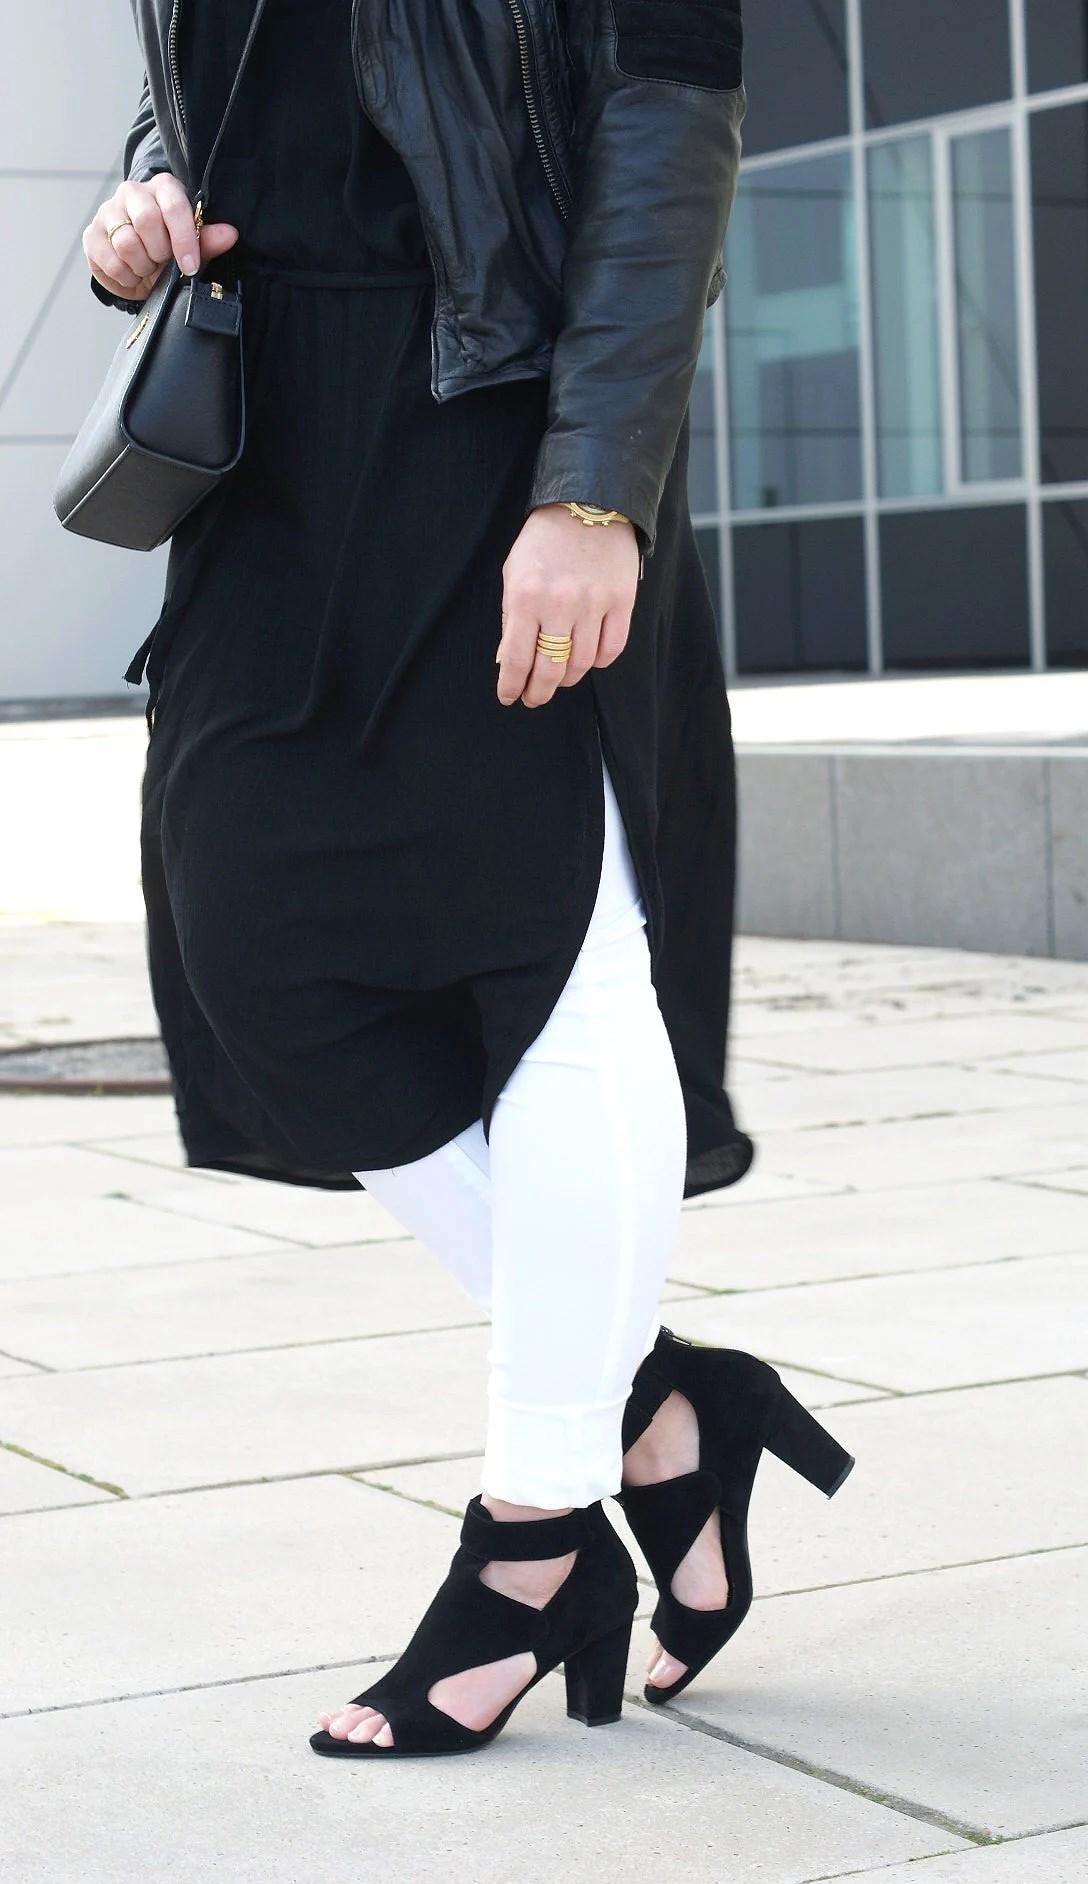 Munthe, Munthe Muse, Selected, Selected Femme, Selected Femme blogger, Dansk modeblogger, Populær modeblogger, It's My Passions, Julie Mænnchen, Selected Aalborg, Selected Femme Aalborg, Outfit, Dansk modeblogger, Aalborg blogger, Aalborg blog, Populær dansk modeblogger